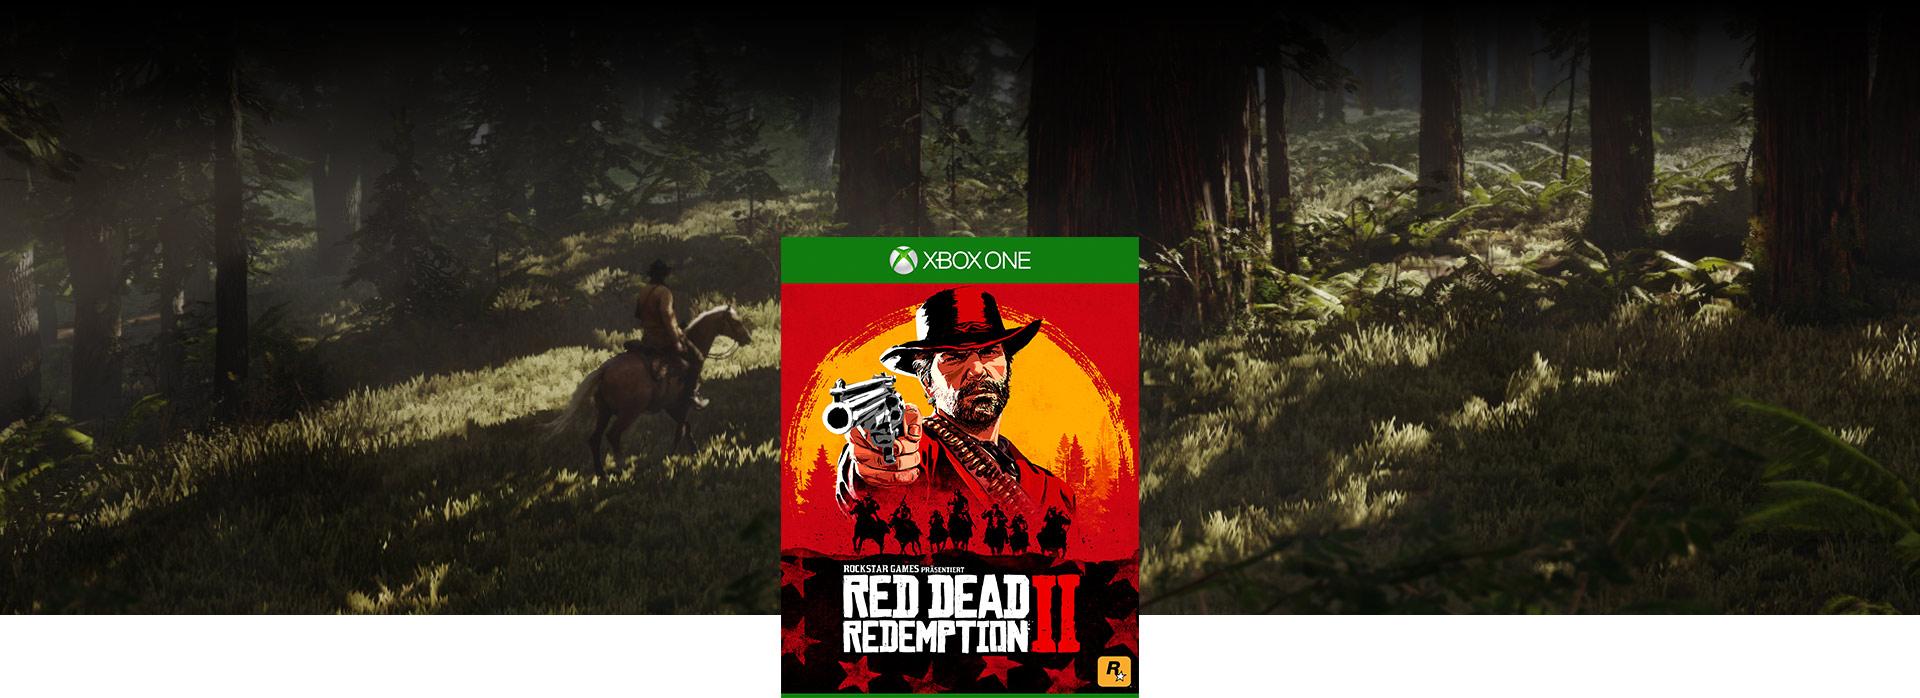 Verpackung von Red Dead Redemption 2 mit Reiter im Wald